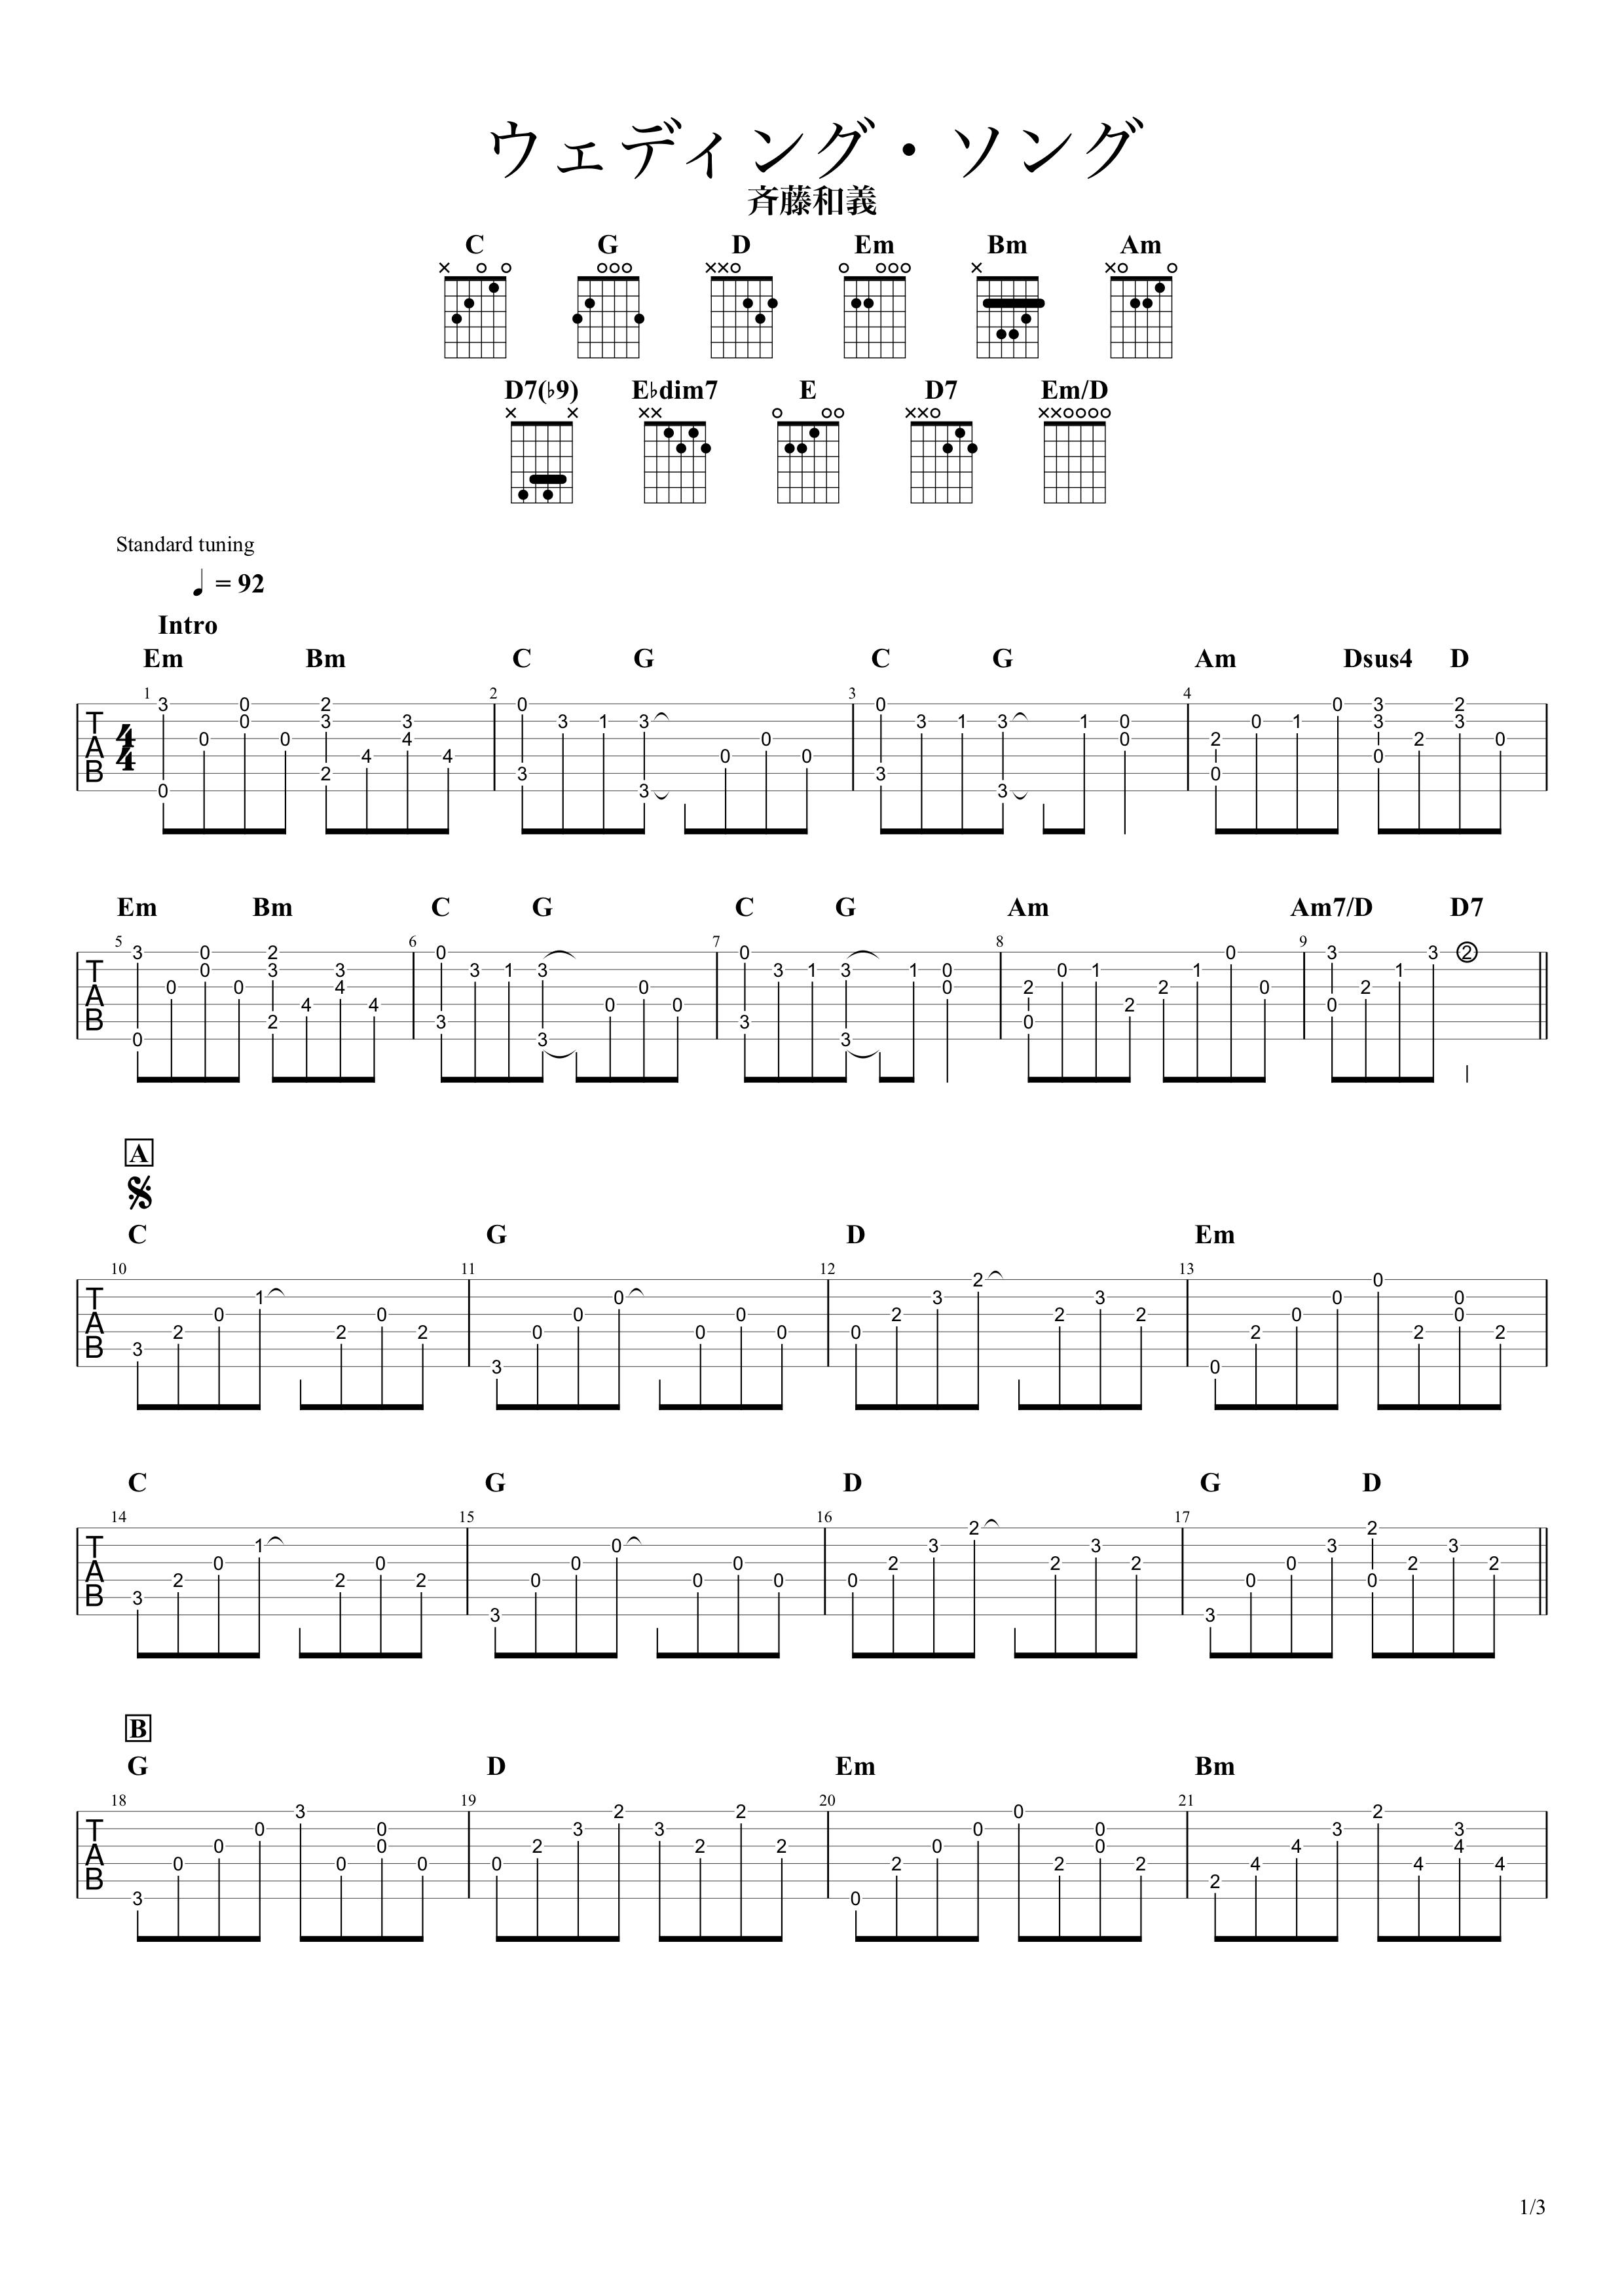 ウェディング・ソング/斉藤和義 ギタータブ譜 アルペジオほぼ完コピVer.01